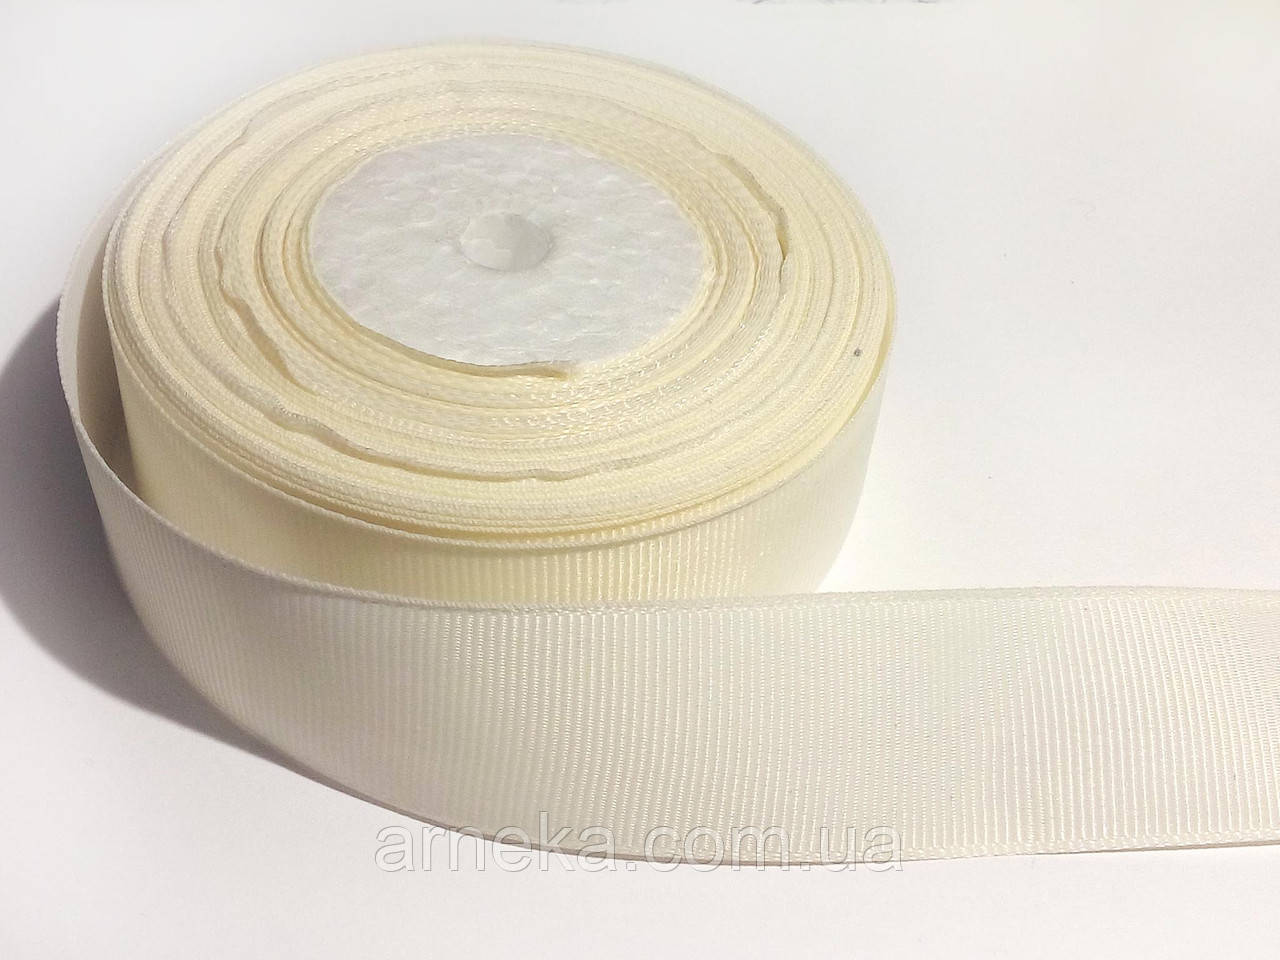 Лента репсовая 2,5 см кремовая